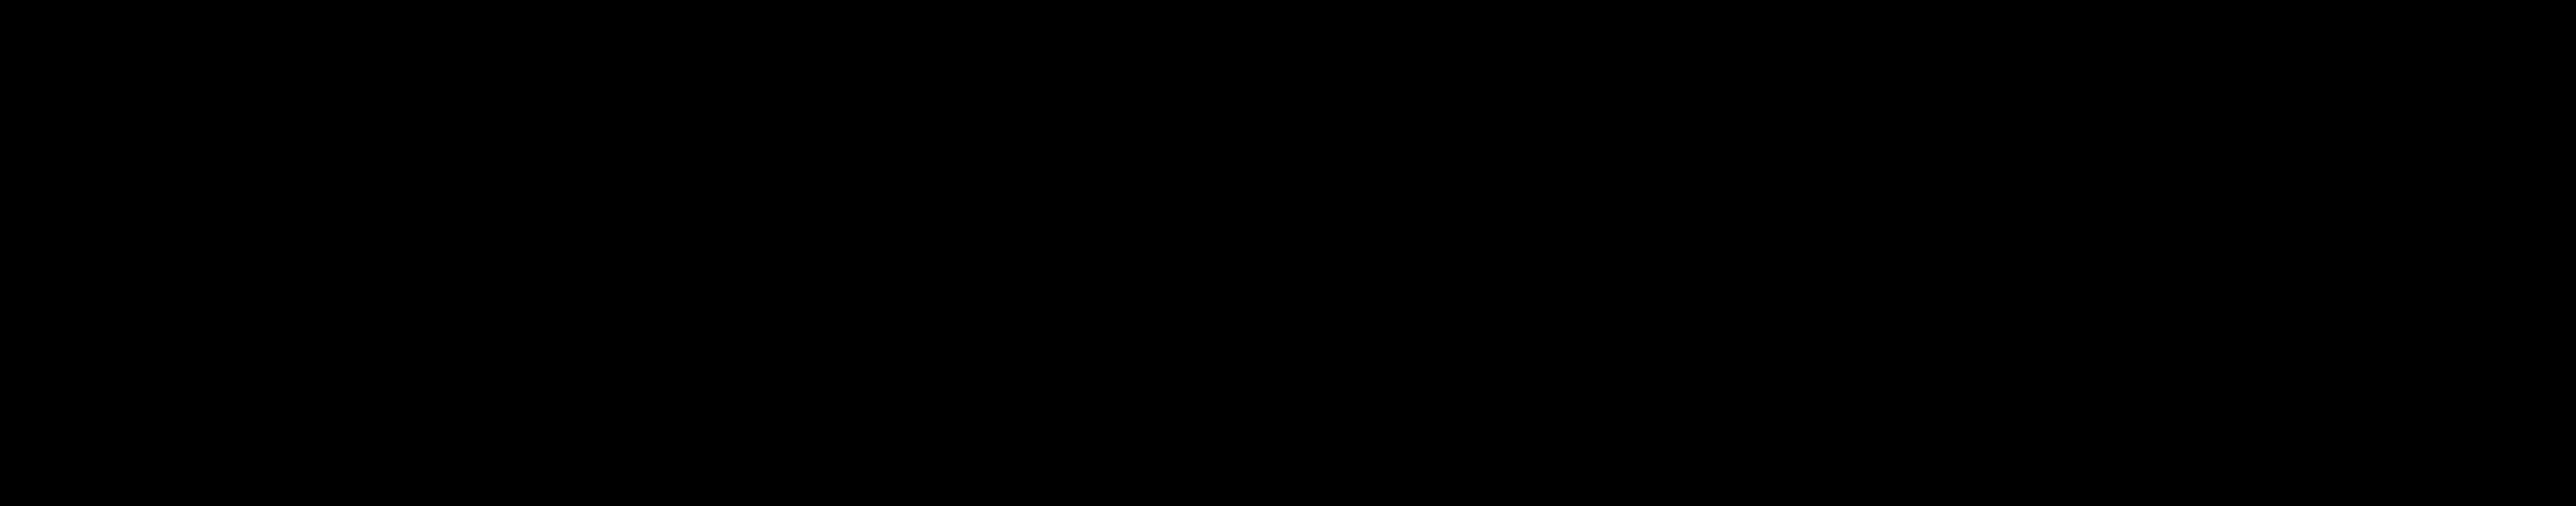 C6 Bank Logo.